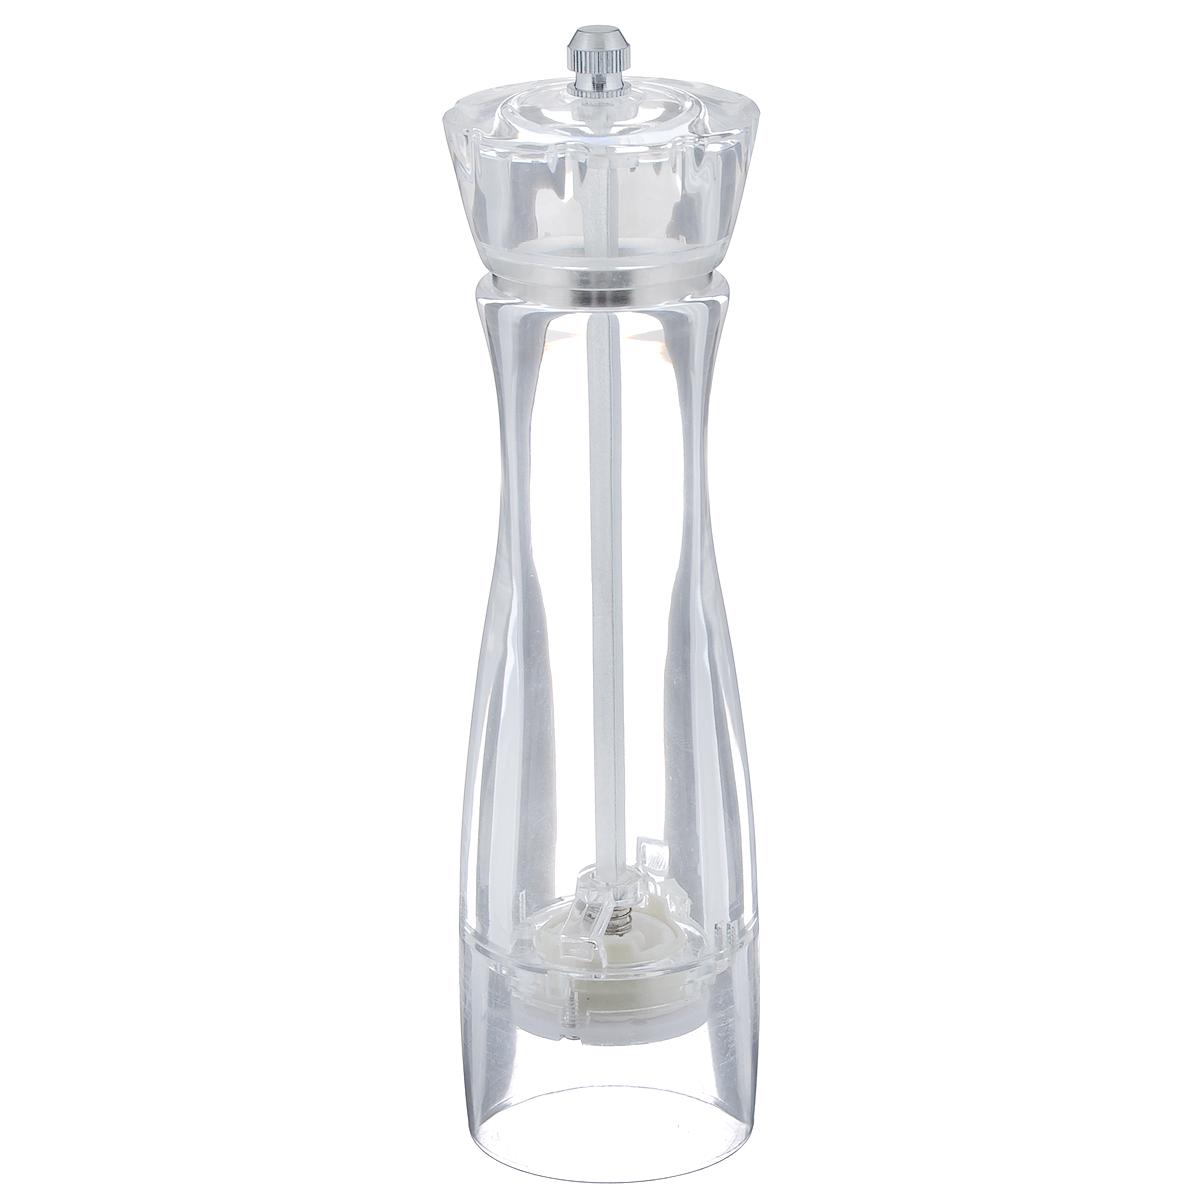 Измельчитель специй Kesper, цвет: прозрачный4630003364517Удобный механический измельчитель специй Kesper выполнен из прозрачного стекла. Насыпать специи внутрь емкости просто: достаточно отвернуть сверху болтик и снять крышку.Измельчитель специй Kesper станет достойным дополнением ваших кухонных аксессуаров.Для мытья использовать неабразивные моющие средства.